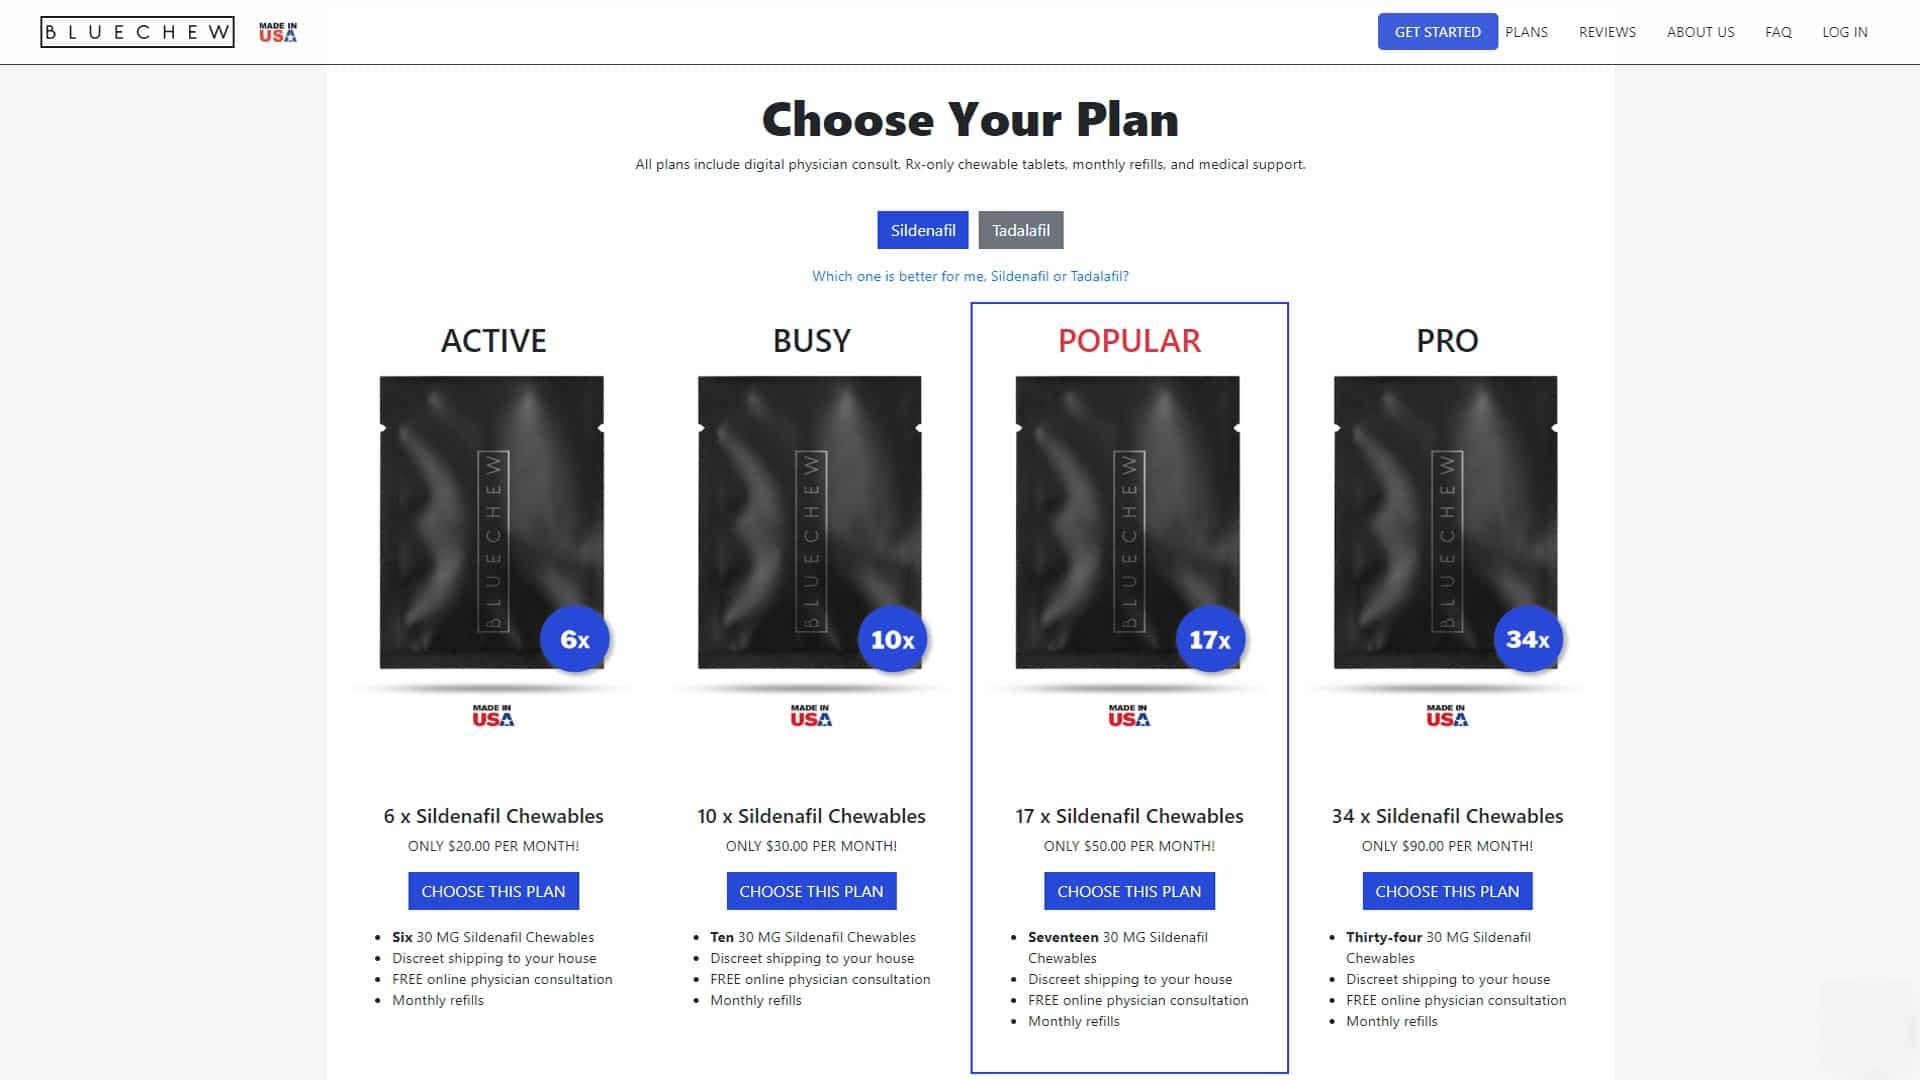 BlueChew Plans